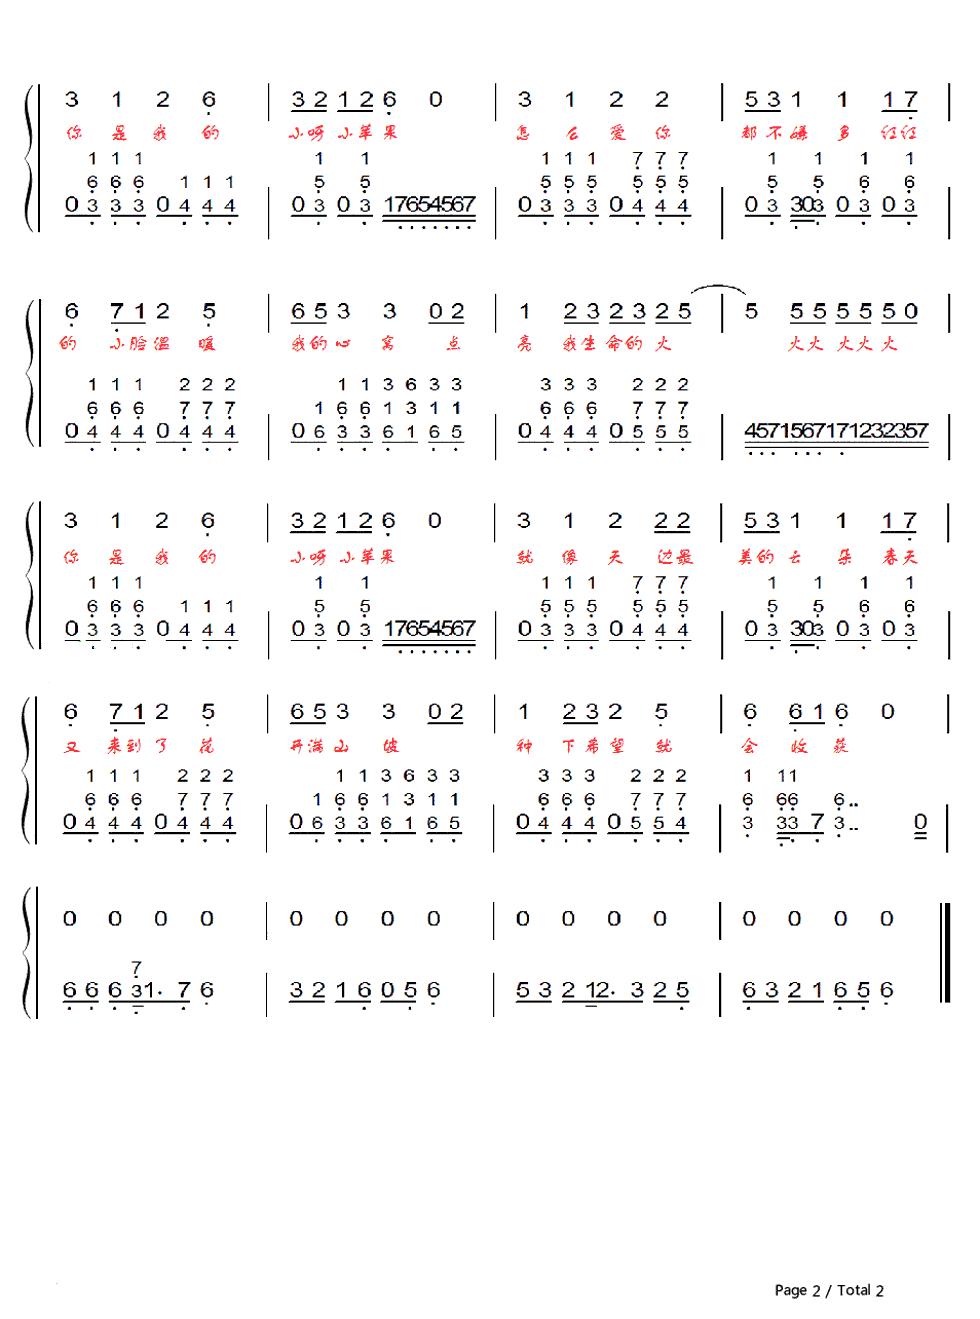 钢琴简谱数字上面或下面标点是什么意思哈?图片